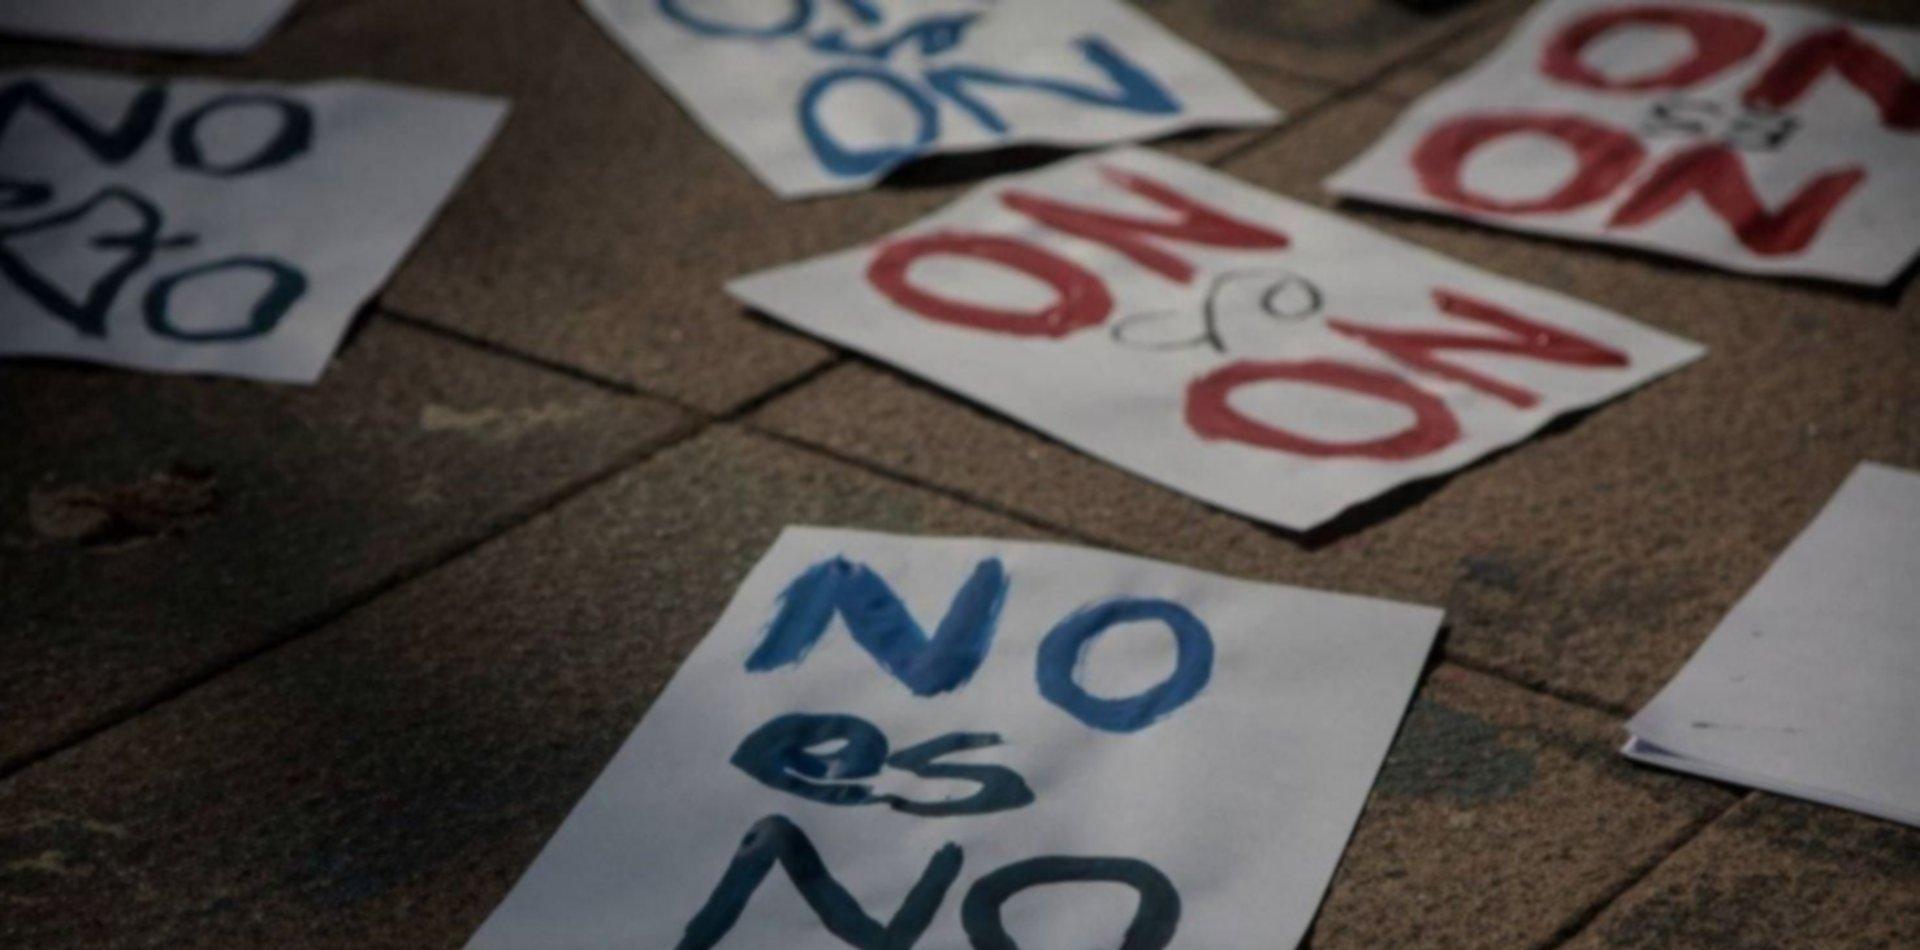 La UNLP aprobó el protocolo de violencia de género en el ámbito virtual